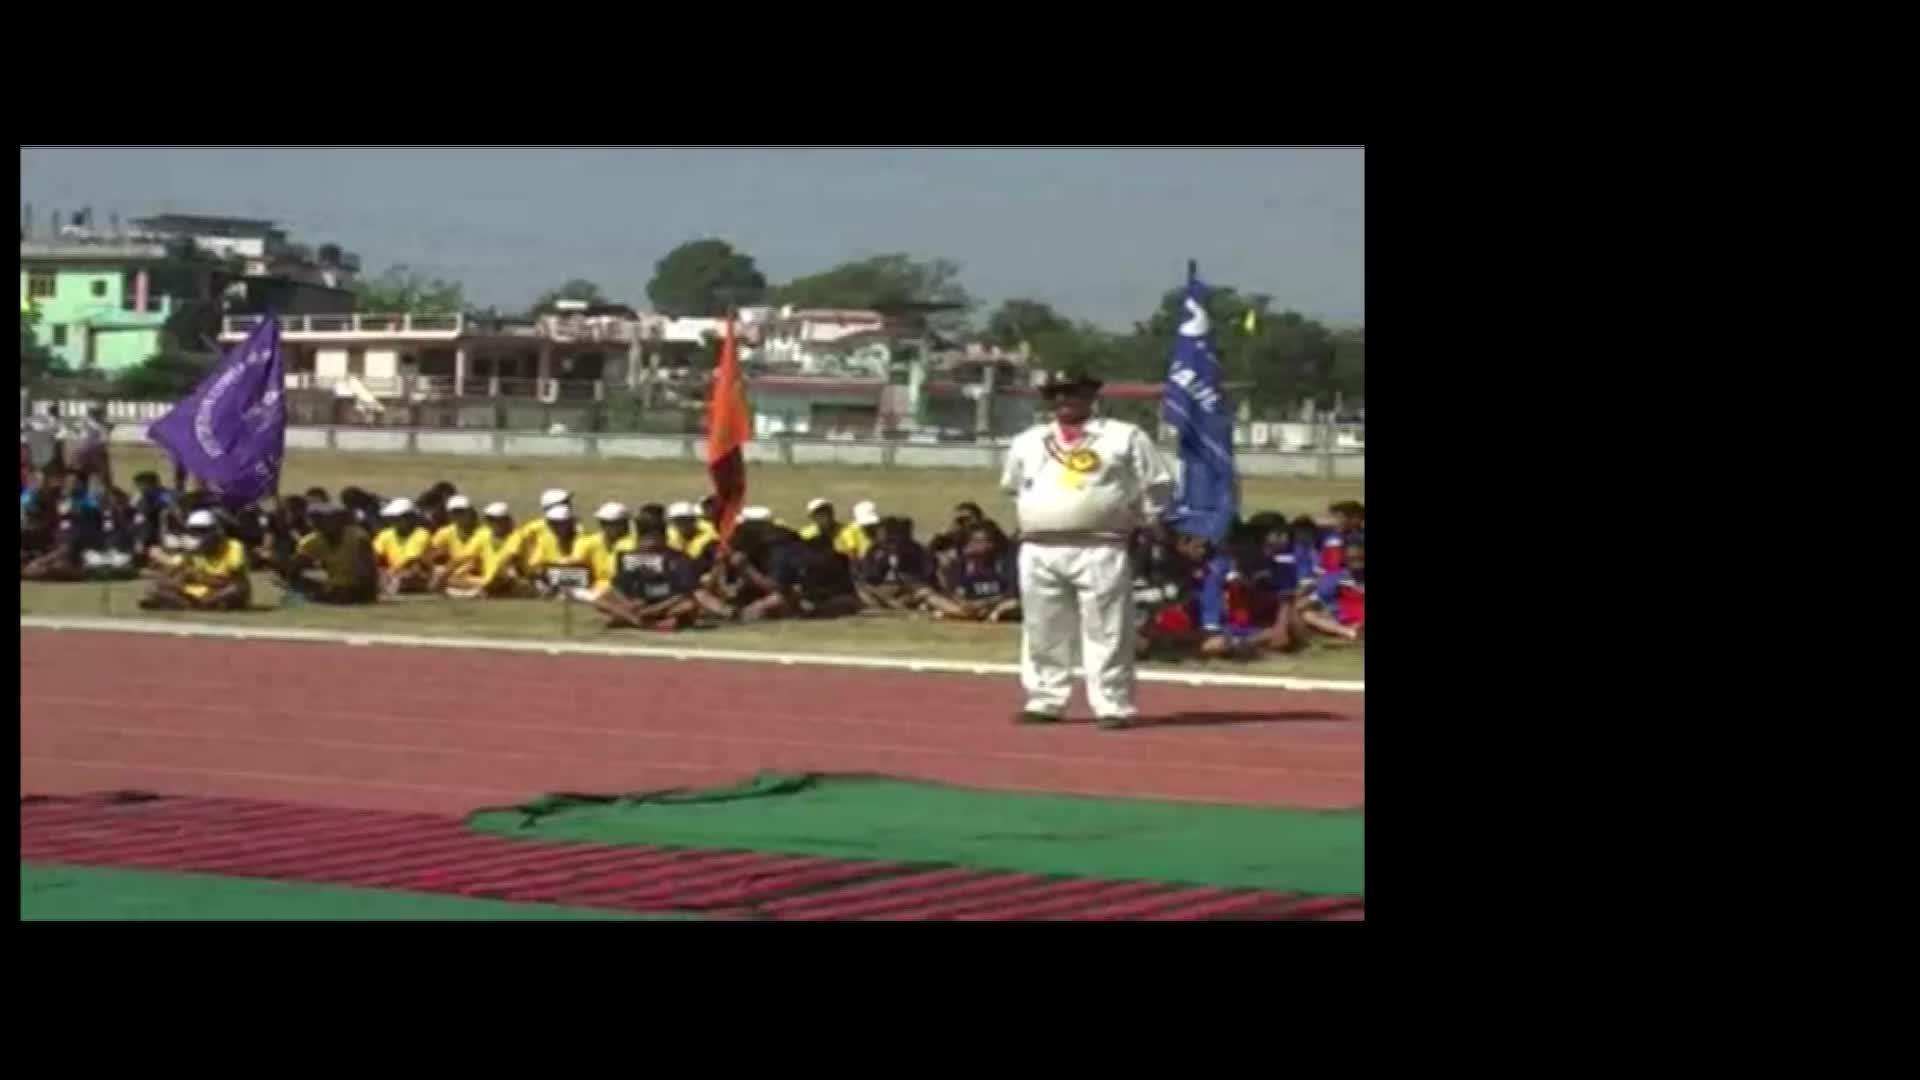 Image of हमीरपुर में शुरू हुई 59वीं राज्य स्तरीय एथलेटिक्स मीट